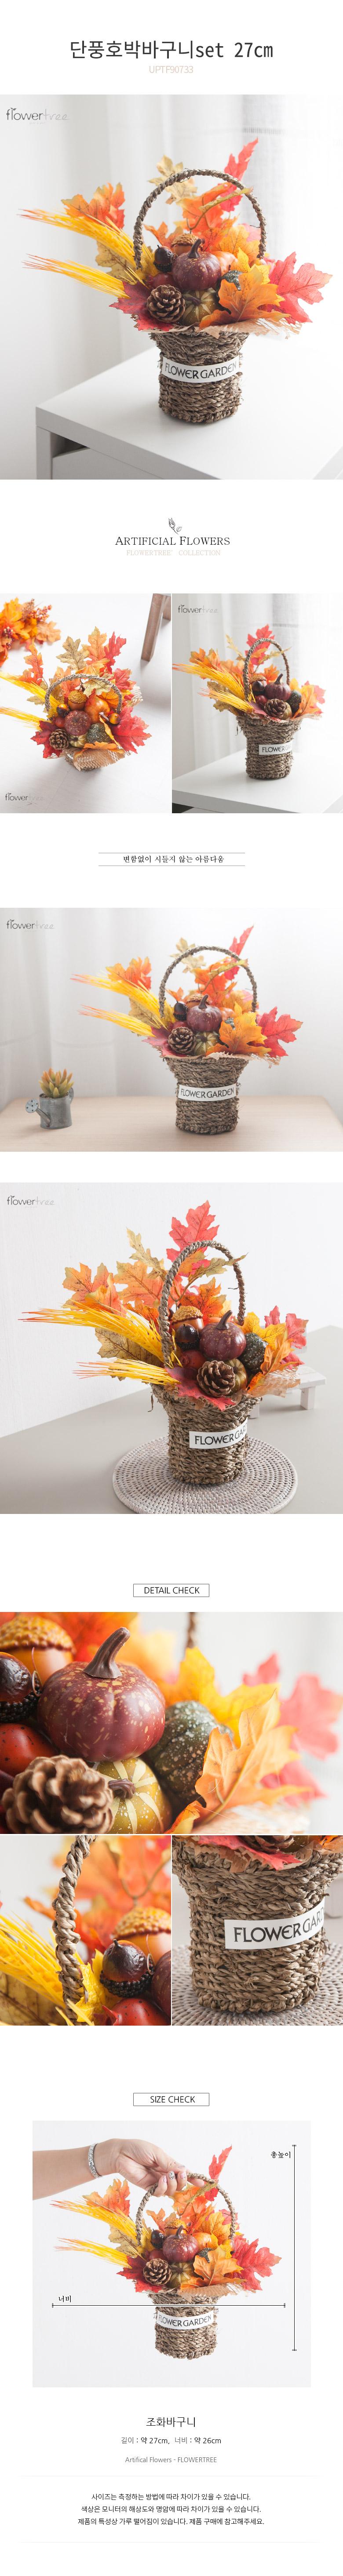 단풍 호박 바구니 set 27cmP 조화 화분 모형 FMFUFT - 플라워트리, 30,060원, 조화, 꽃다발/꽃바구니